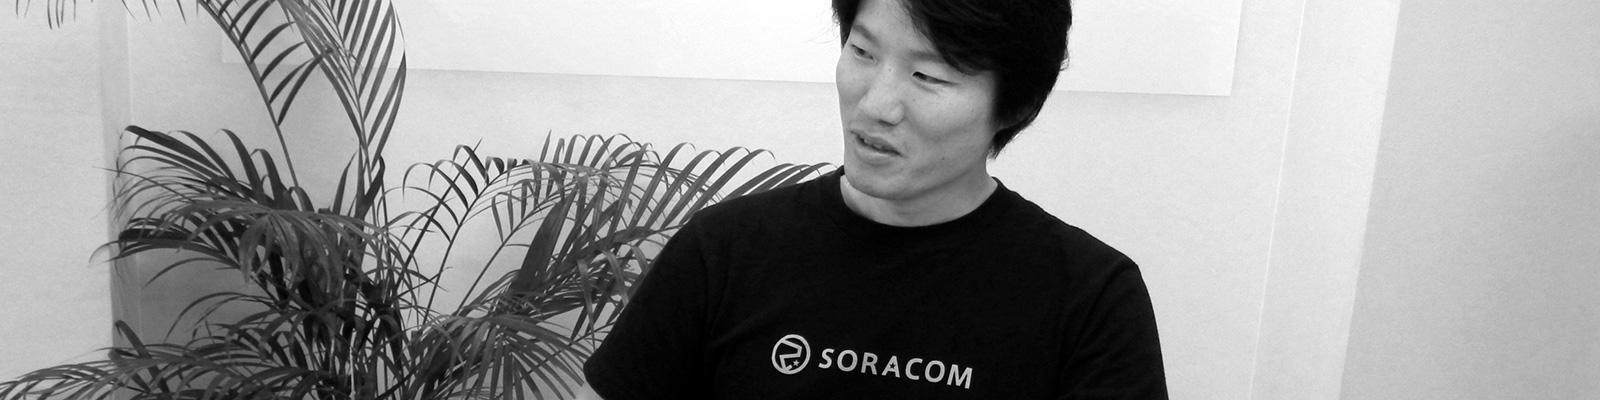 株式会社ソラコム 代表取締役社長 玉川 憲氏